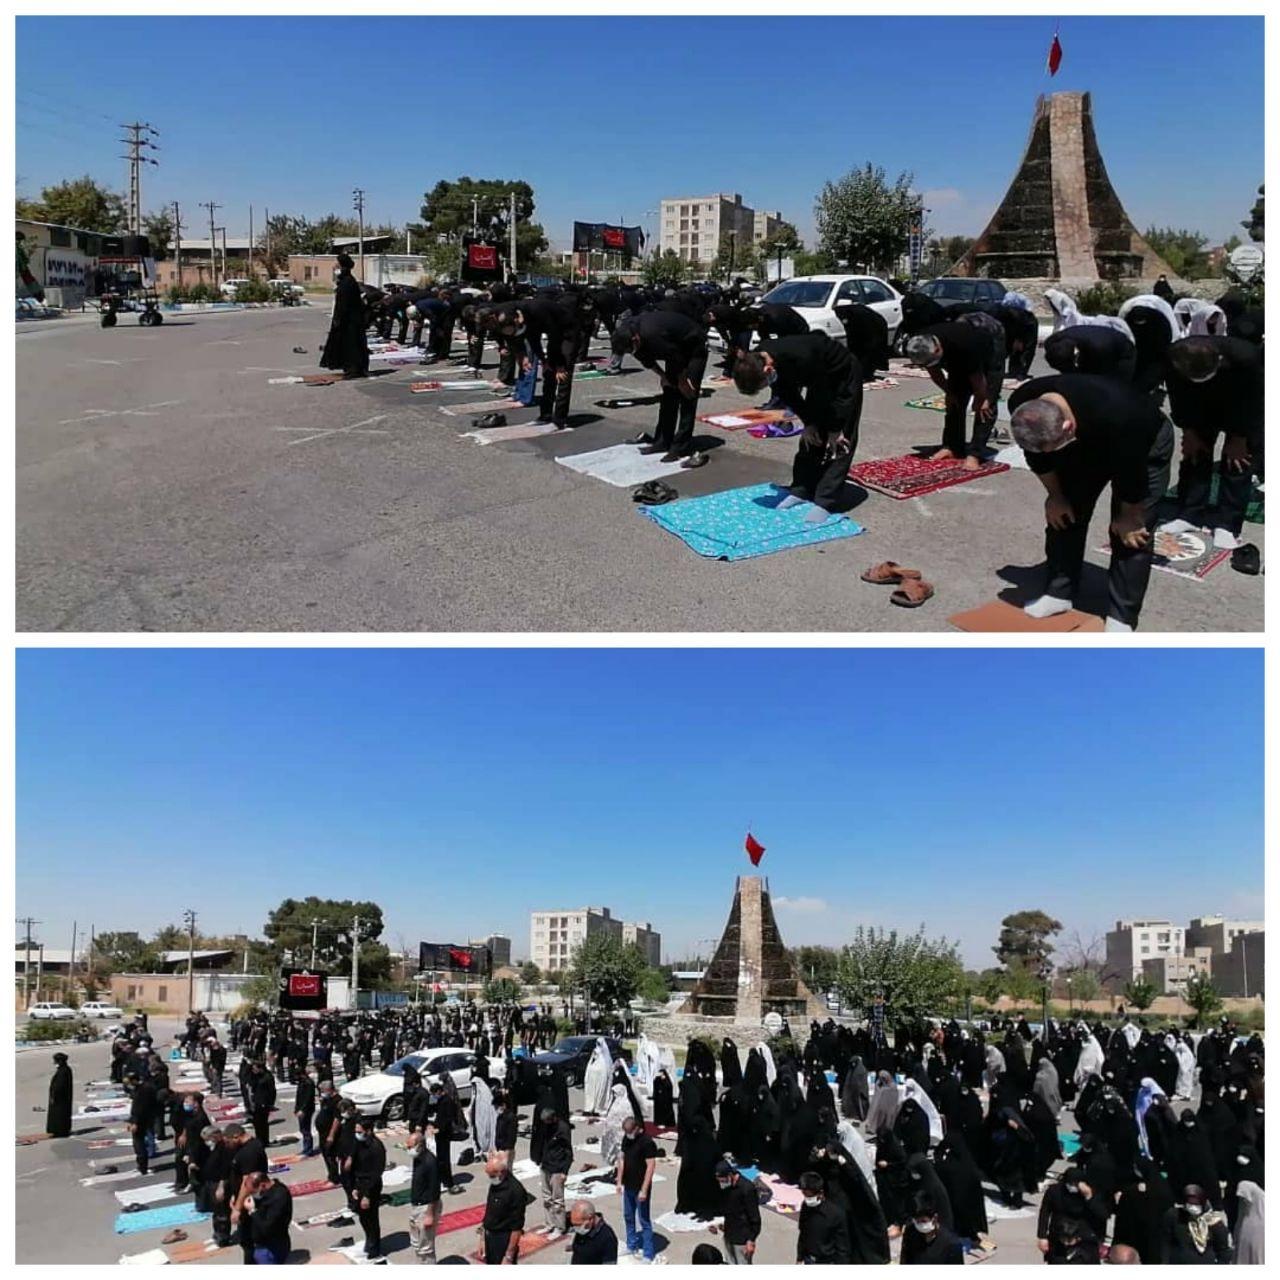 اقامه نماز ظهر عاشورا در شهر احمدآباد مستوفی با رعایت تمامی پروتکل های بهداشتی